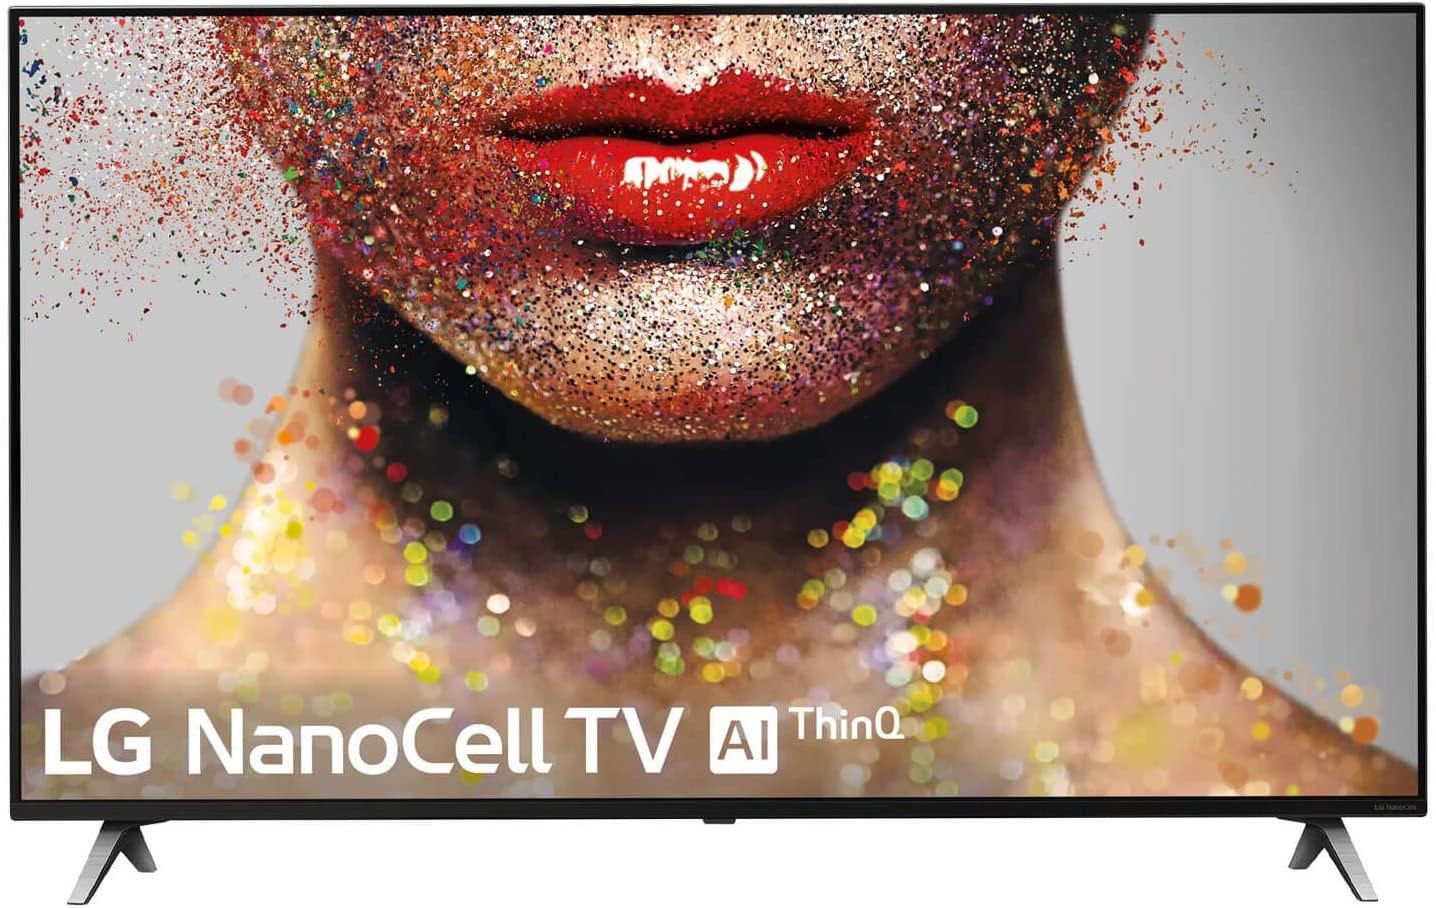 """LG 55SM8500ALEXA - Smart TV NanoCell 4K UHD de 139 cm (55"""") con Alexa Integrada (procesador Inteligente Alpha 7 Gen. 2, Deep Learning, 100% HDR y Dolby Atmos) Color Negro [Clase de eficiencia energética A]"""